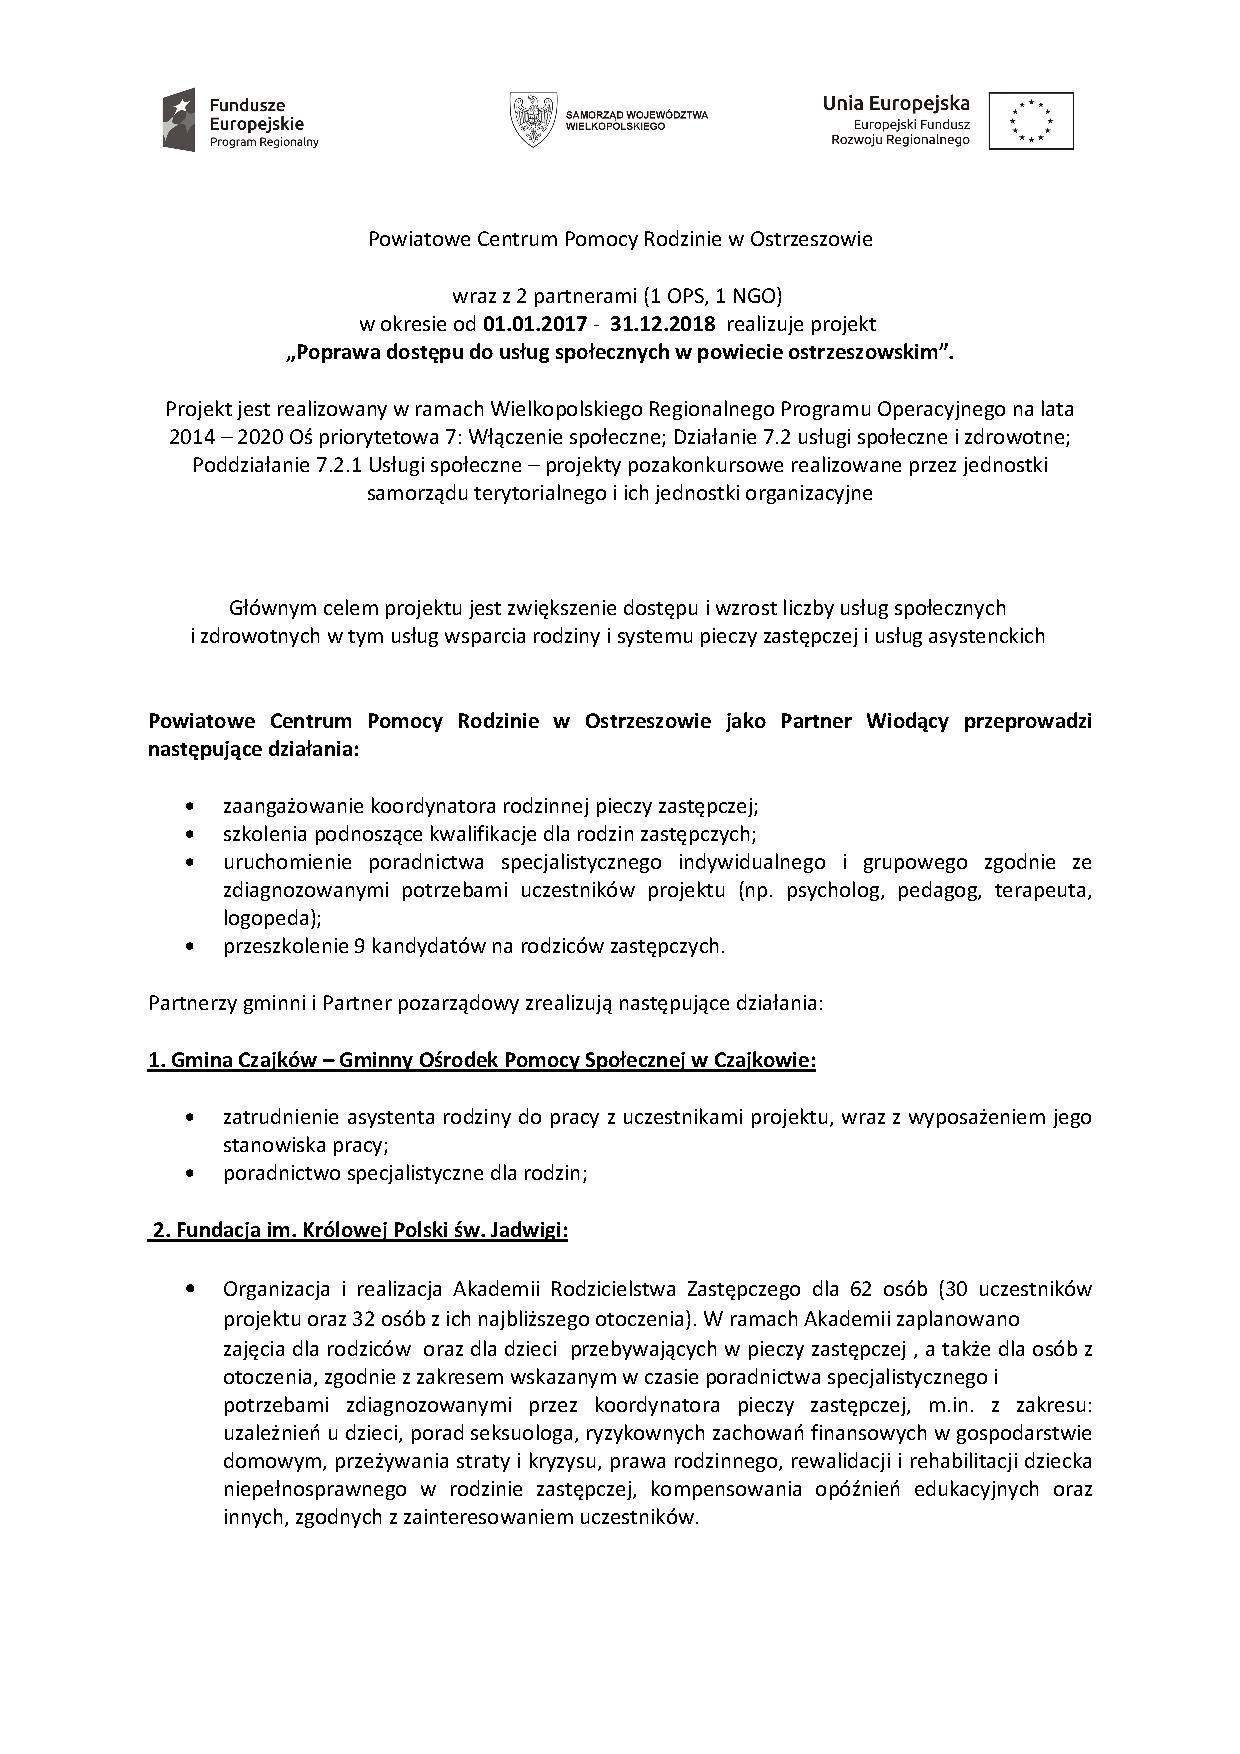 Informacja o projekcie [1240x1754]